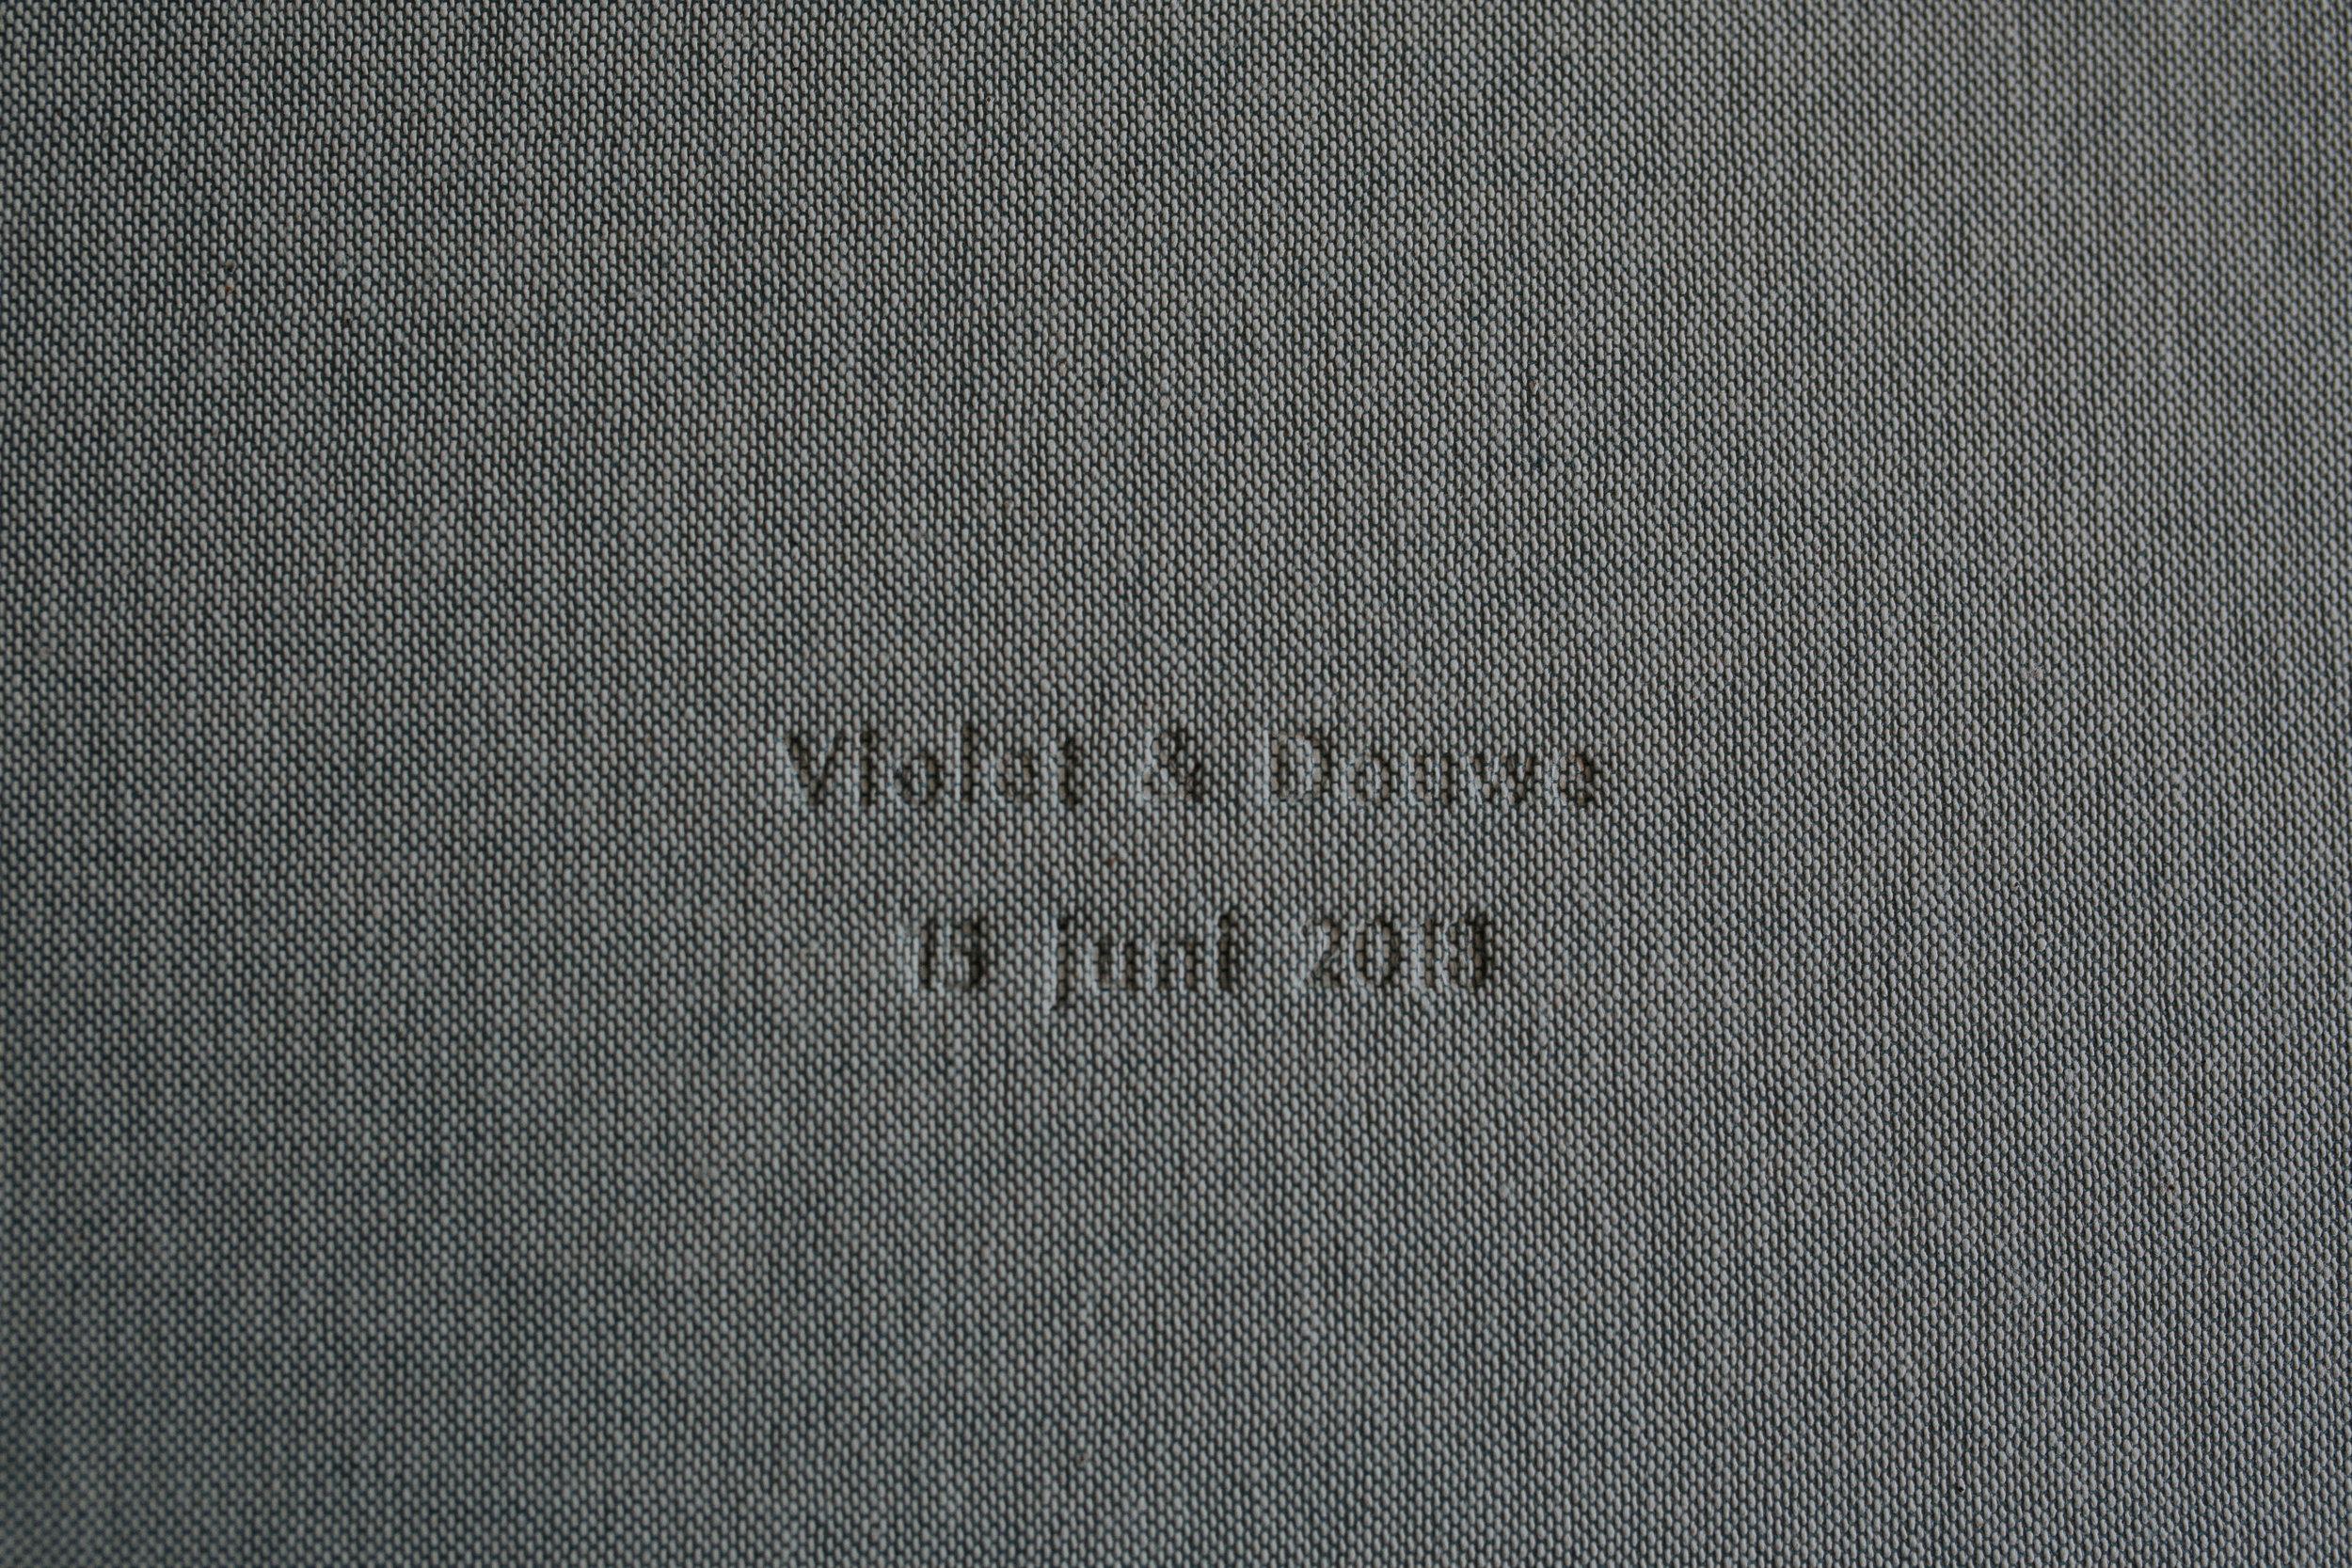 Album_VB-12.jpg